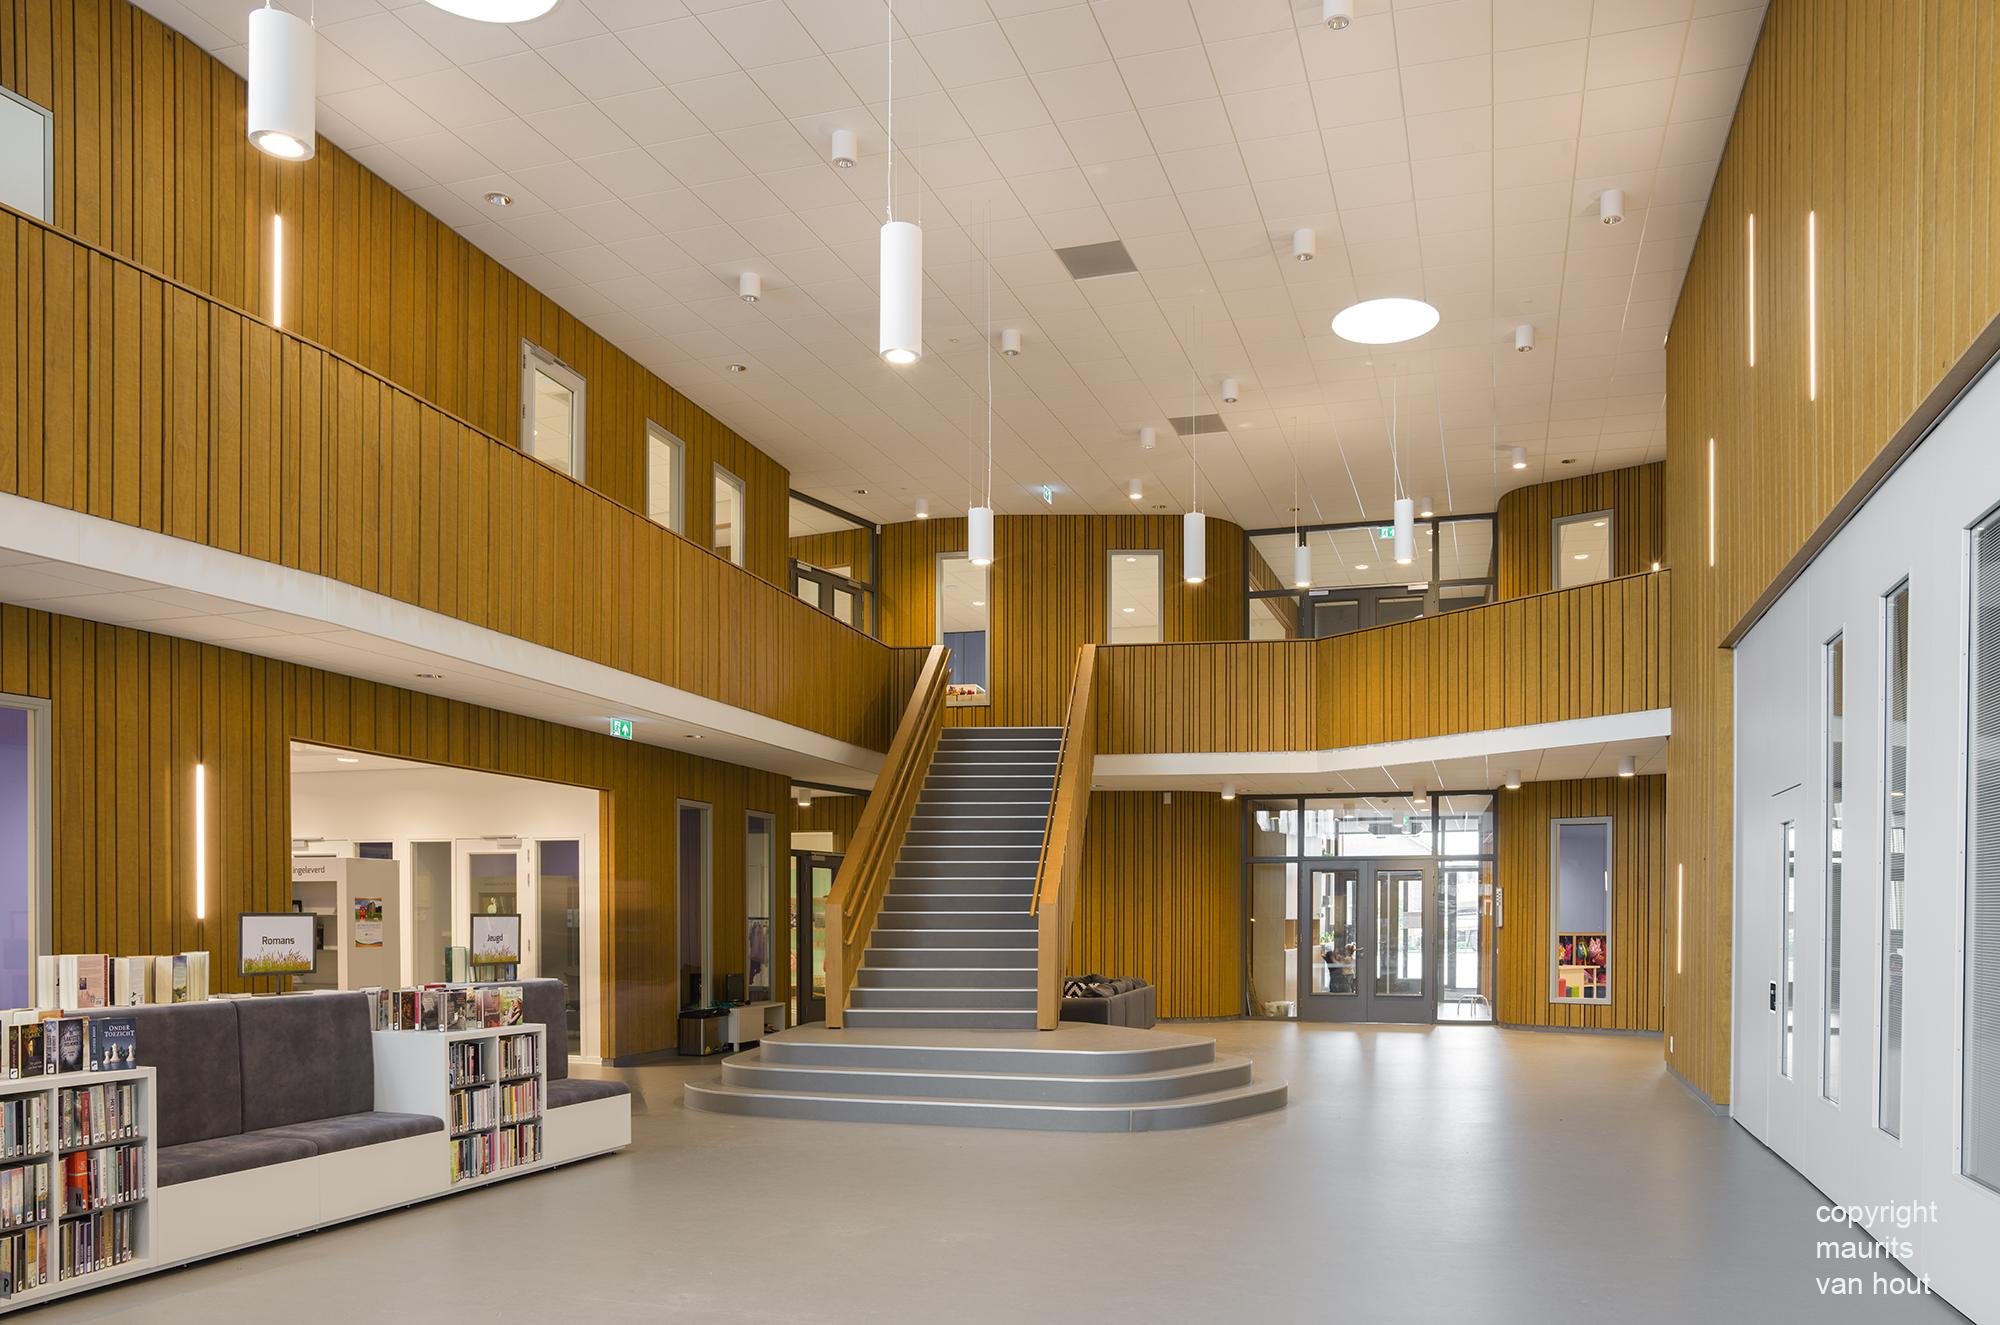 voorbeeld van high end interieurfotografie door fotograaf maurits van hout uit Den Haag (Rijswijk)